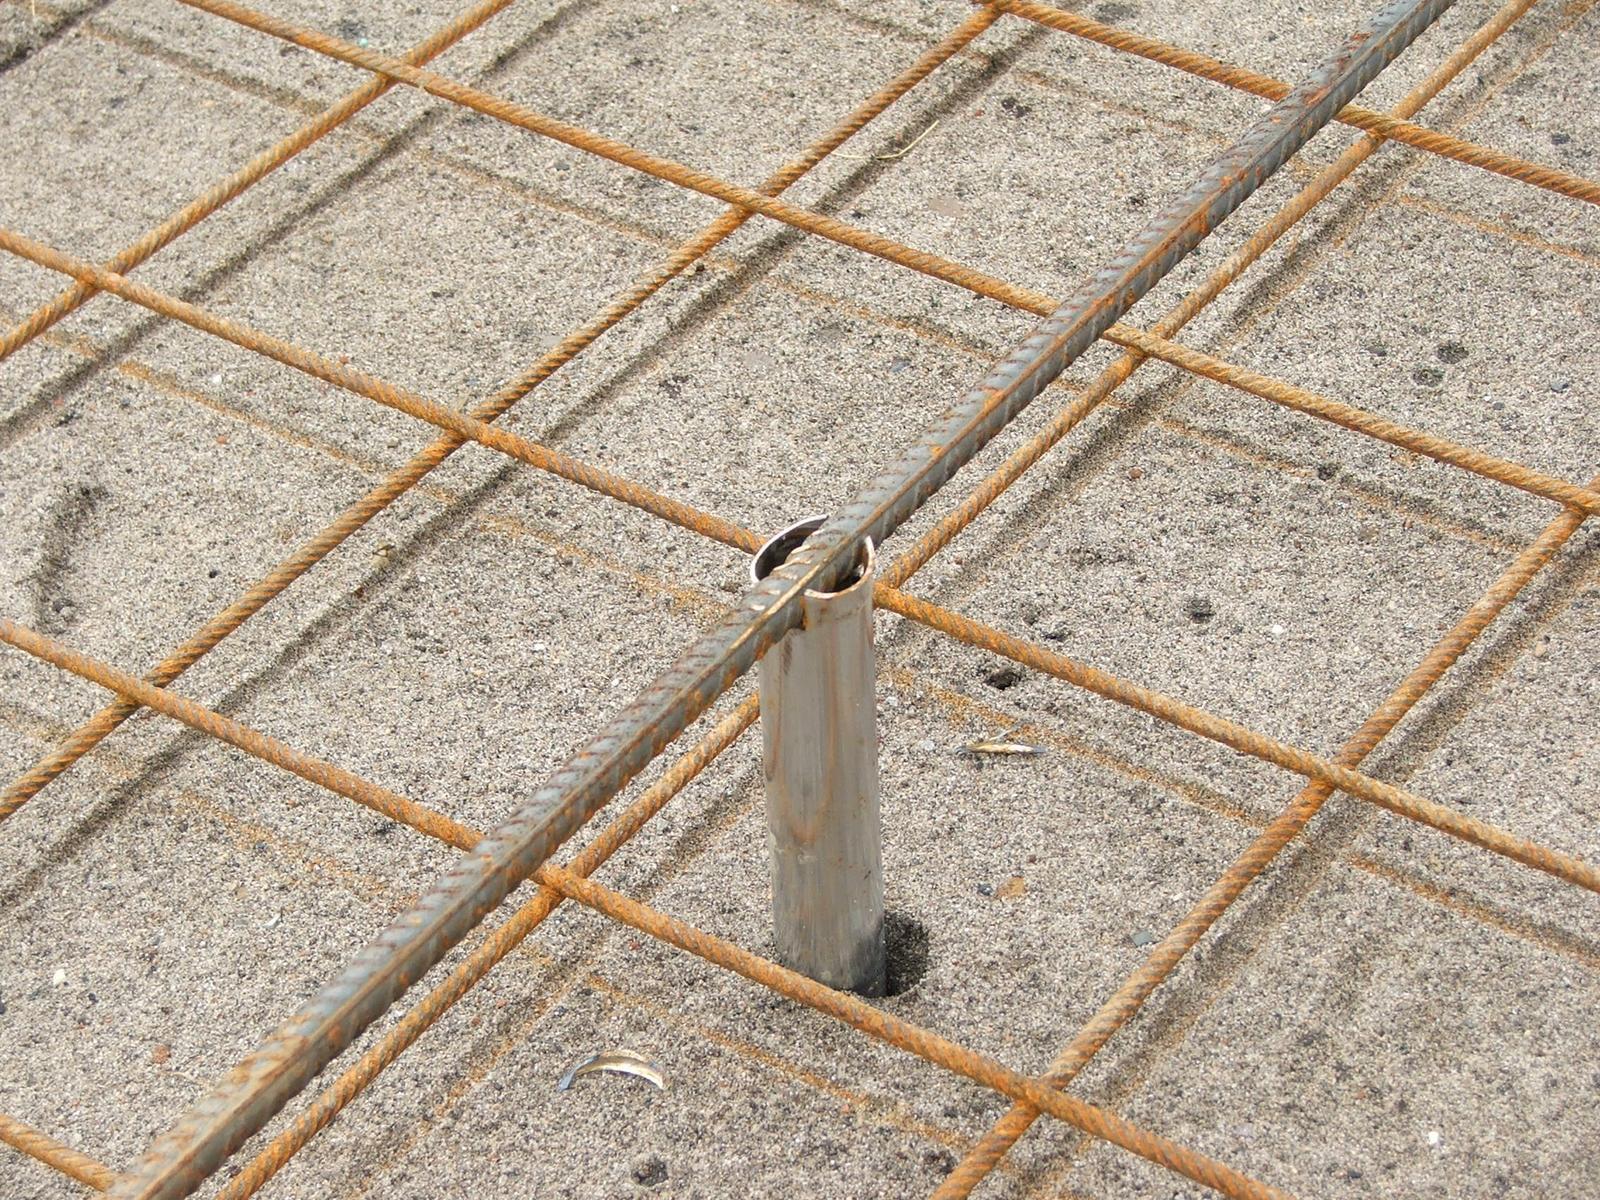 Efektivní bydlení - Roxor se za čerstva vytáhne držáky zůstanou zalité betonem